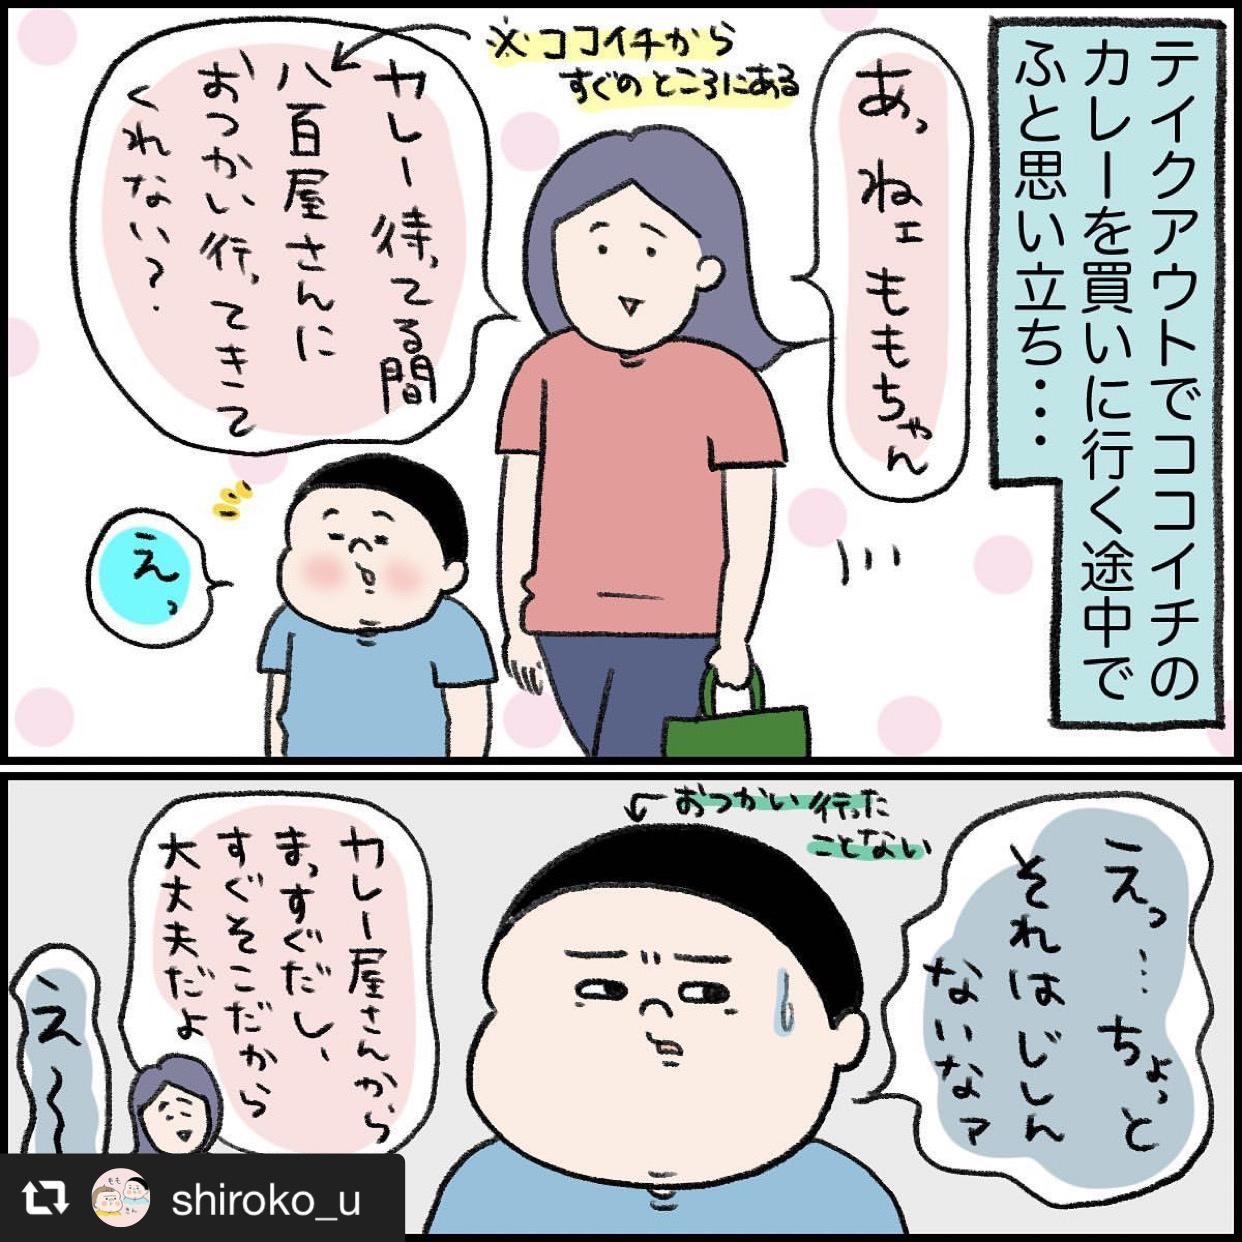 長男桃太郎くんの「はじめてのおつかい」 画像1